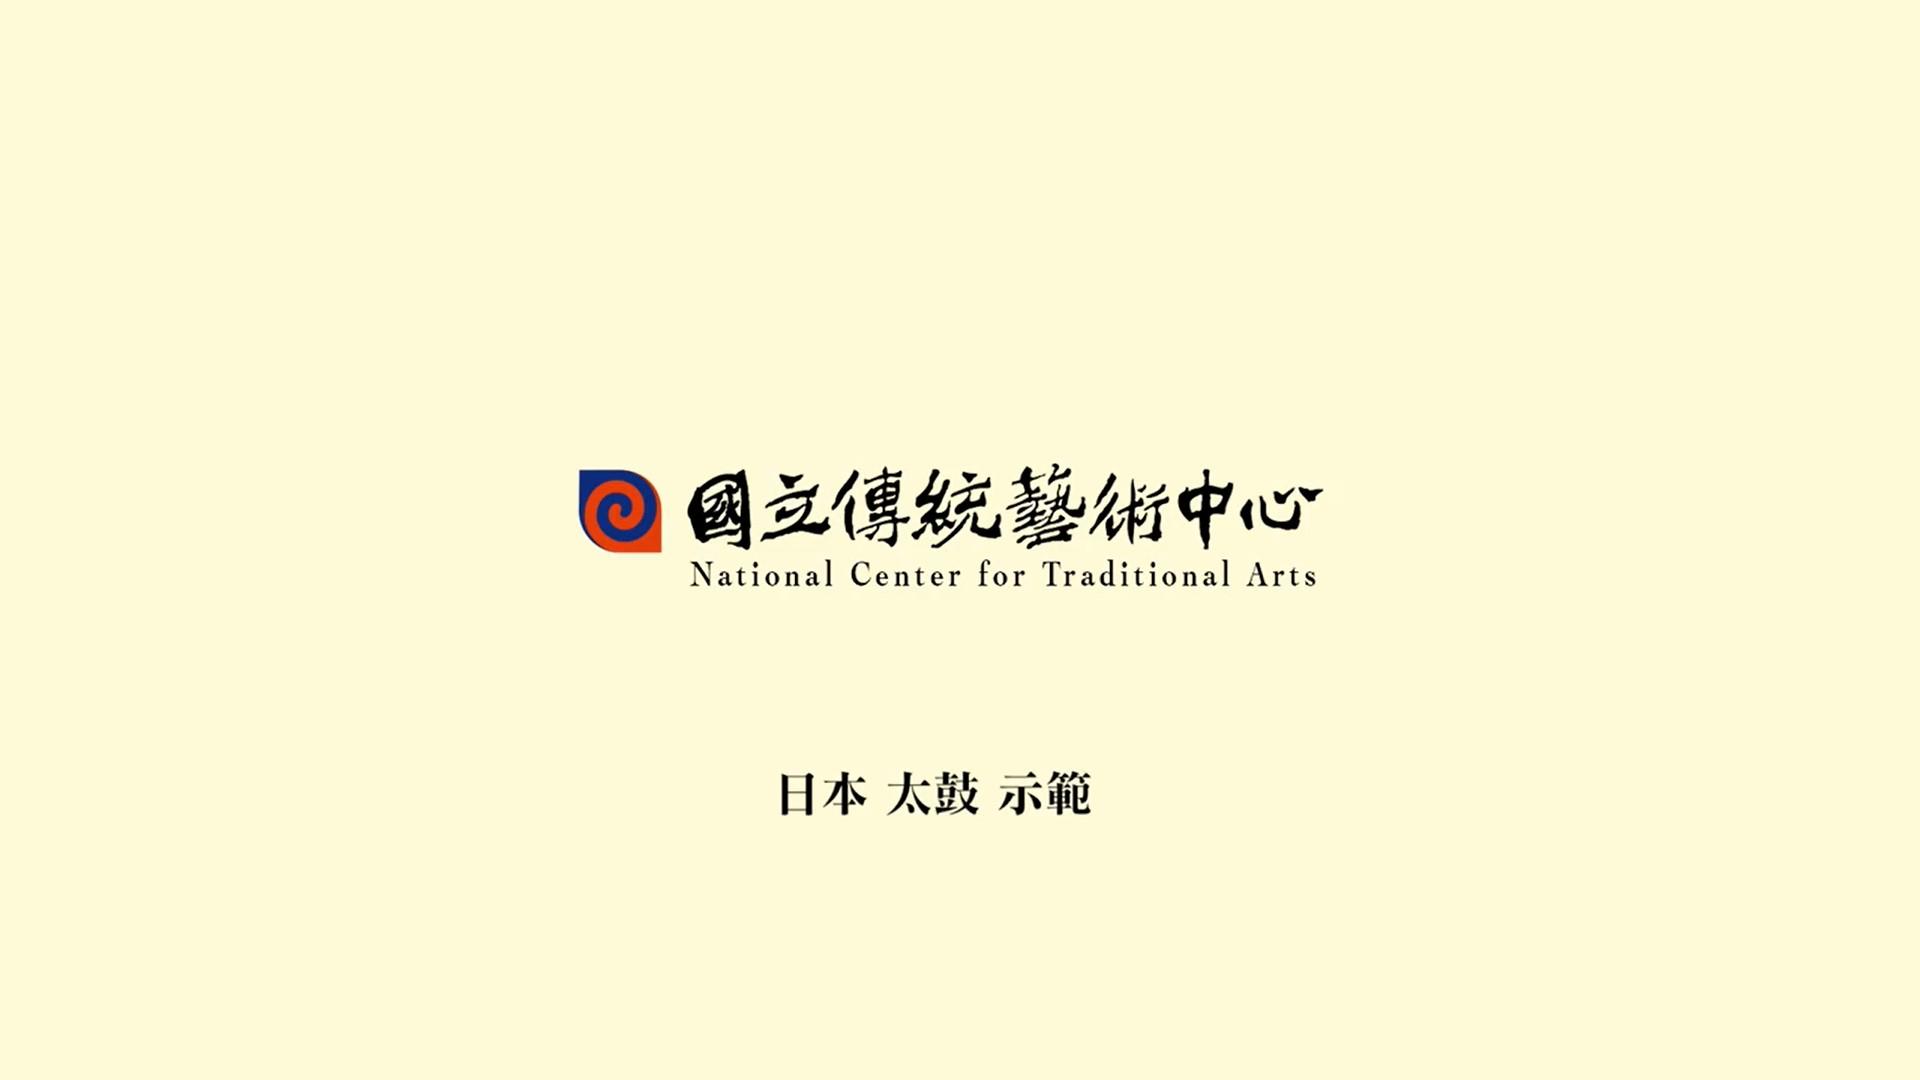 「亞太樂器常設展」樂器介紹-日本太鼓